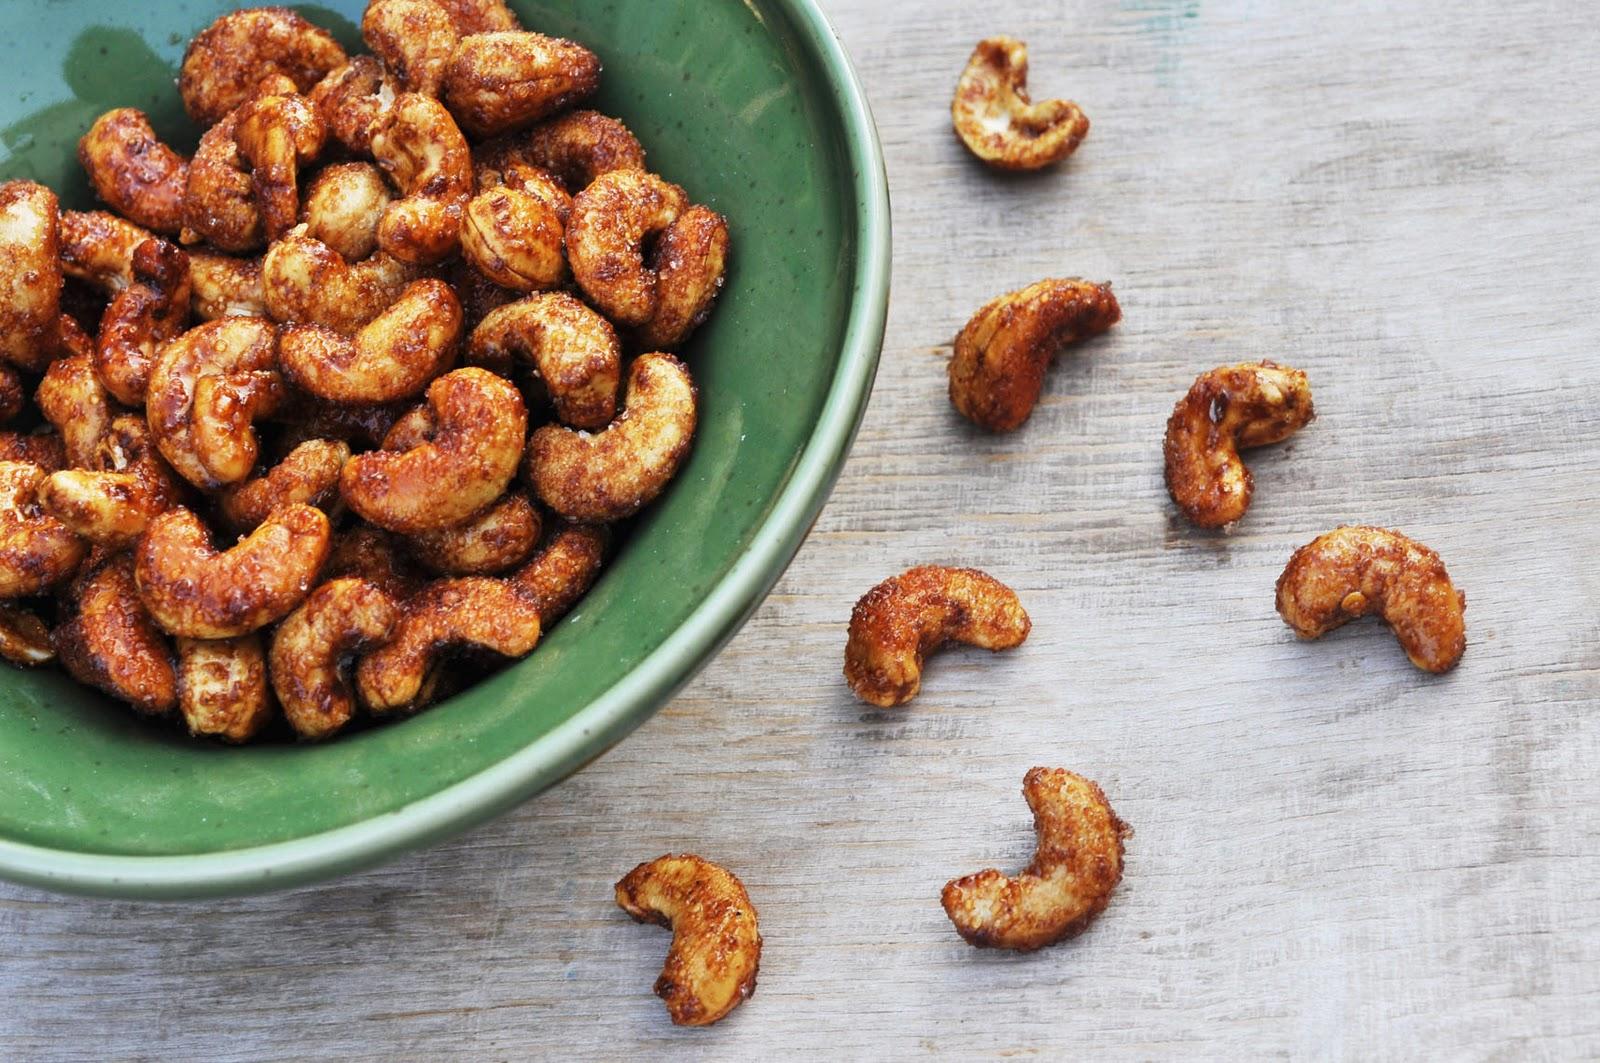 Hạt điều rang tỏi ớt, biến tấu lạ cho người thích ăn hạt điều.